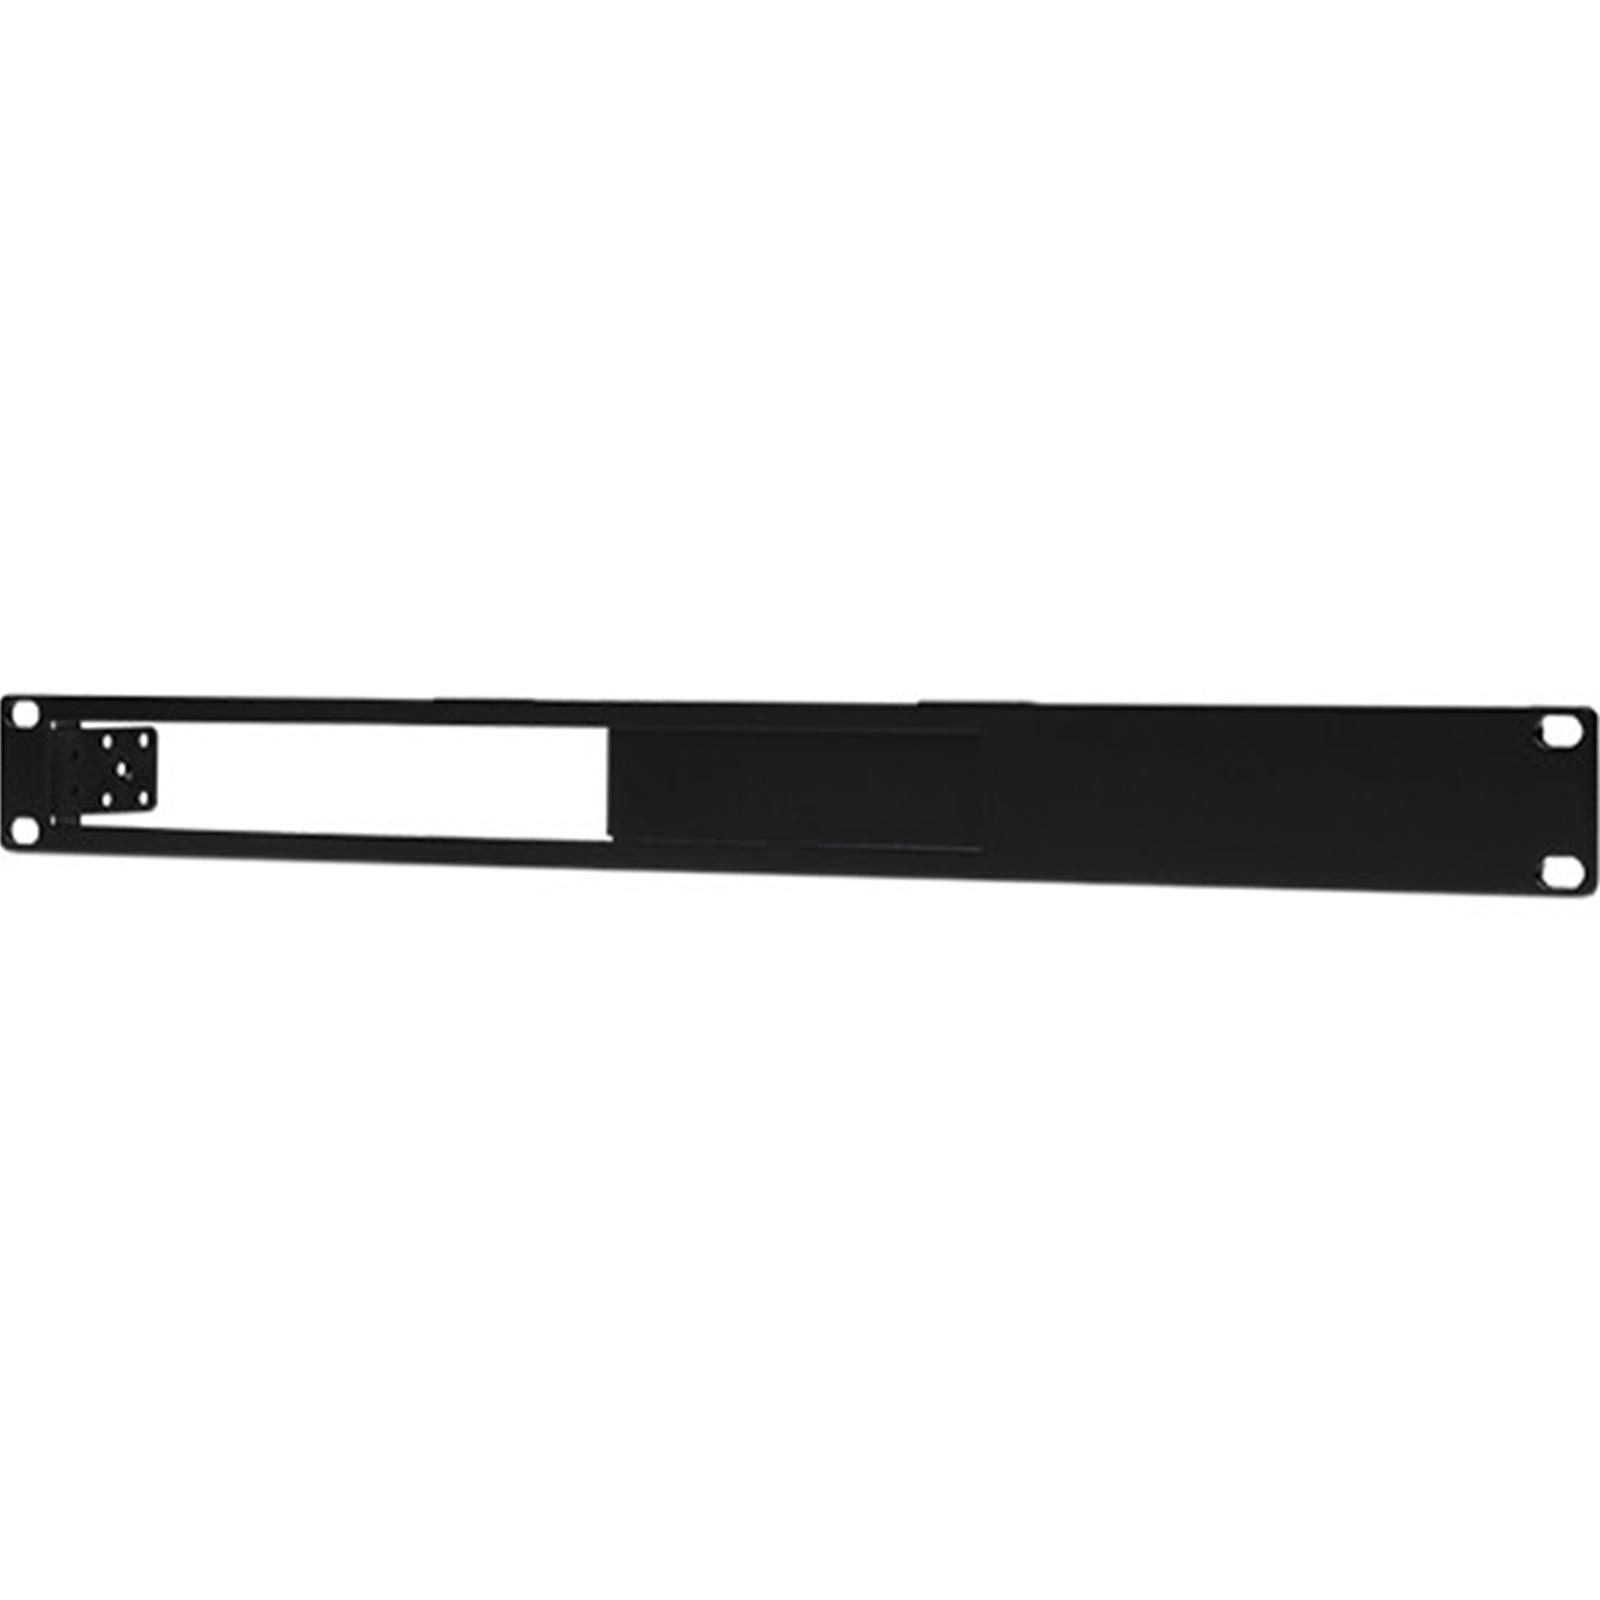 Ubiquiti ER-RMKIT EdgeRouter Rack Mount Kit for ER4 / ER-6P